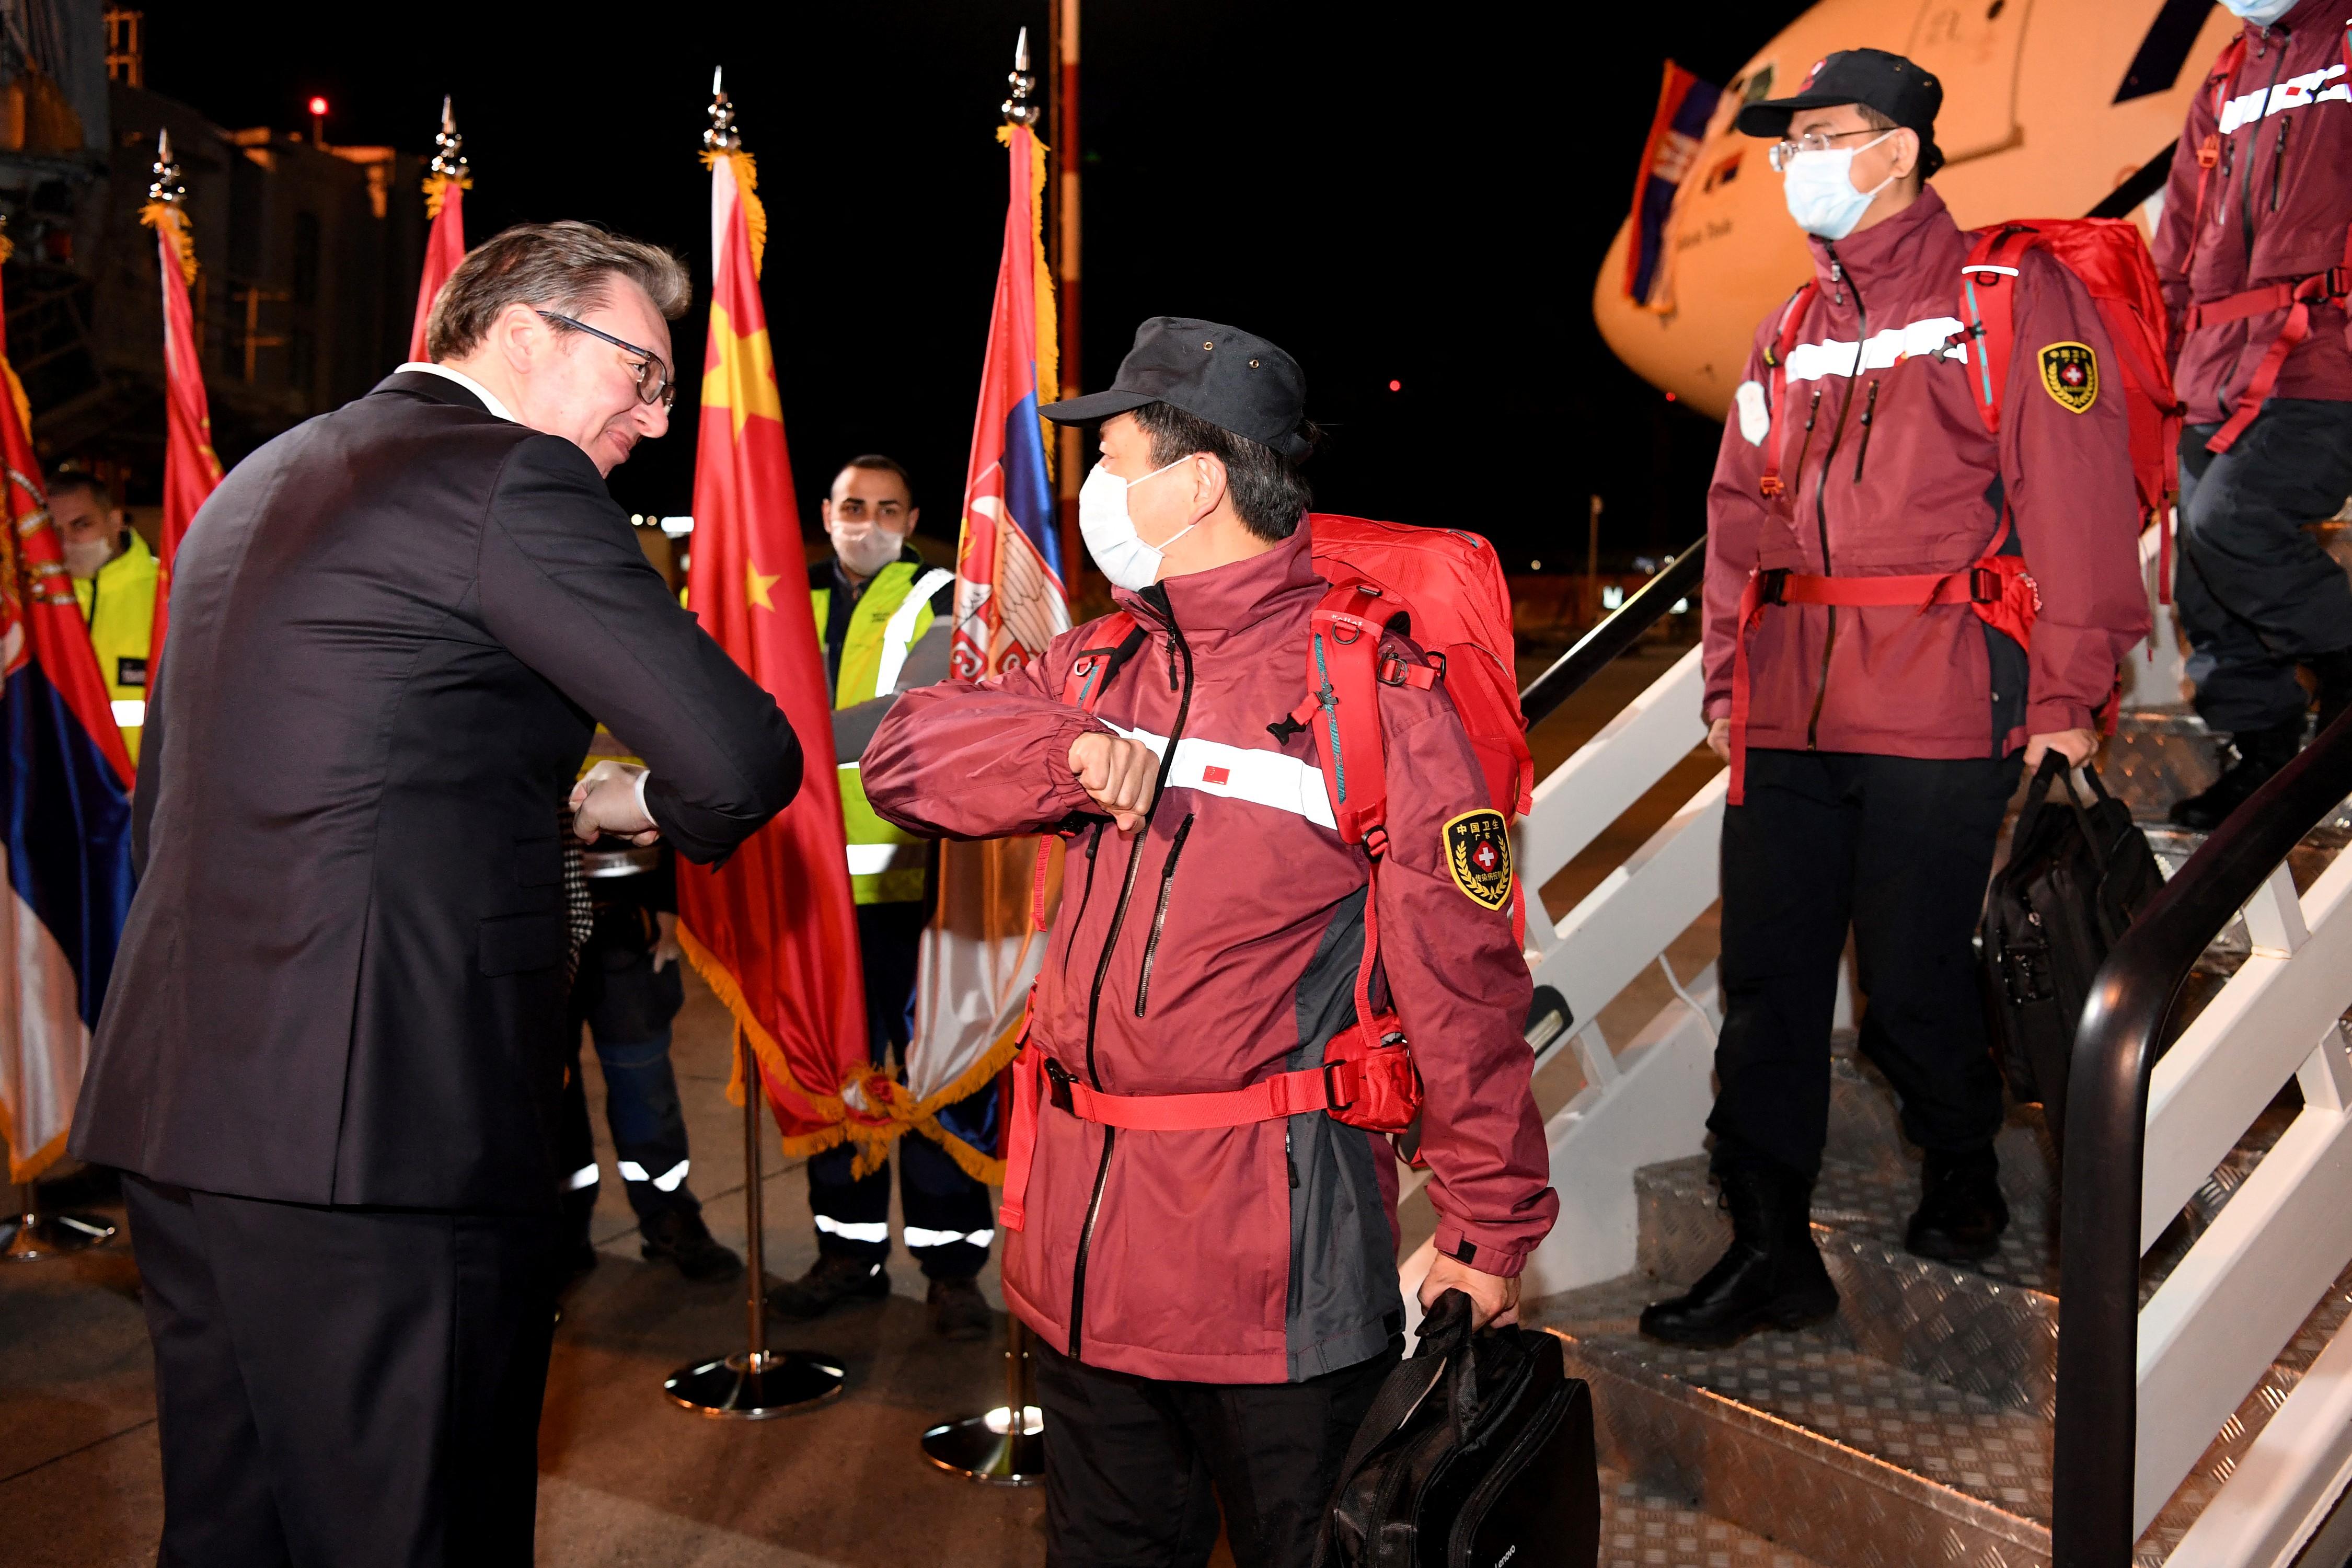 2020年3月21日,塞尔维亚总统武契奇在当地机场与刚刚抵达的中国医疗队成员碰肘表示欢迎。(图:AFP)